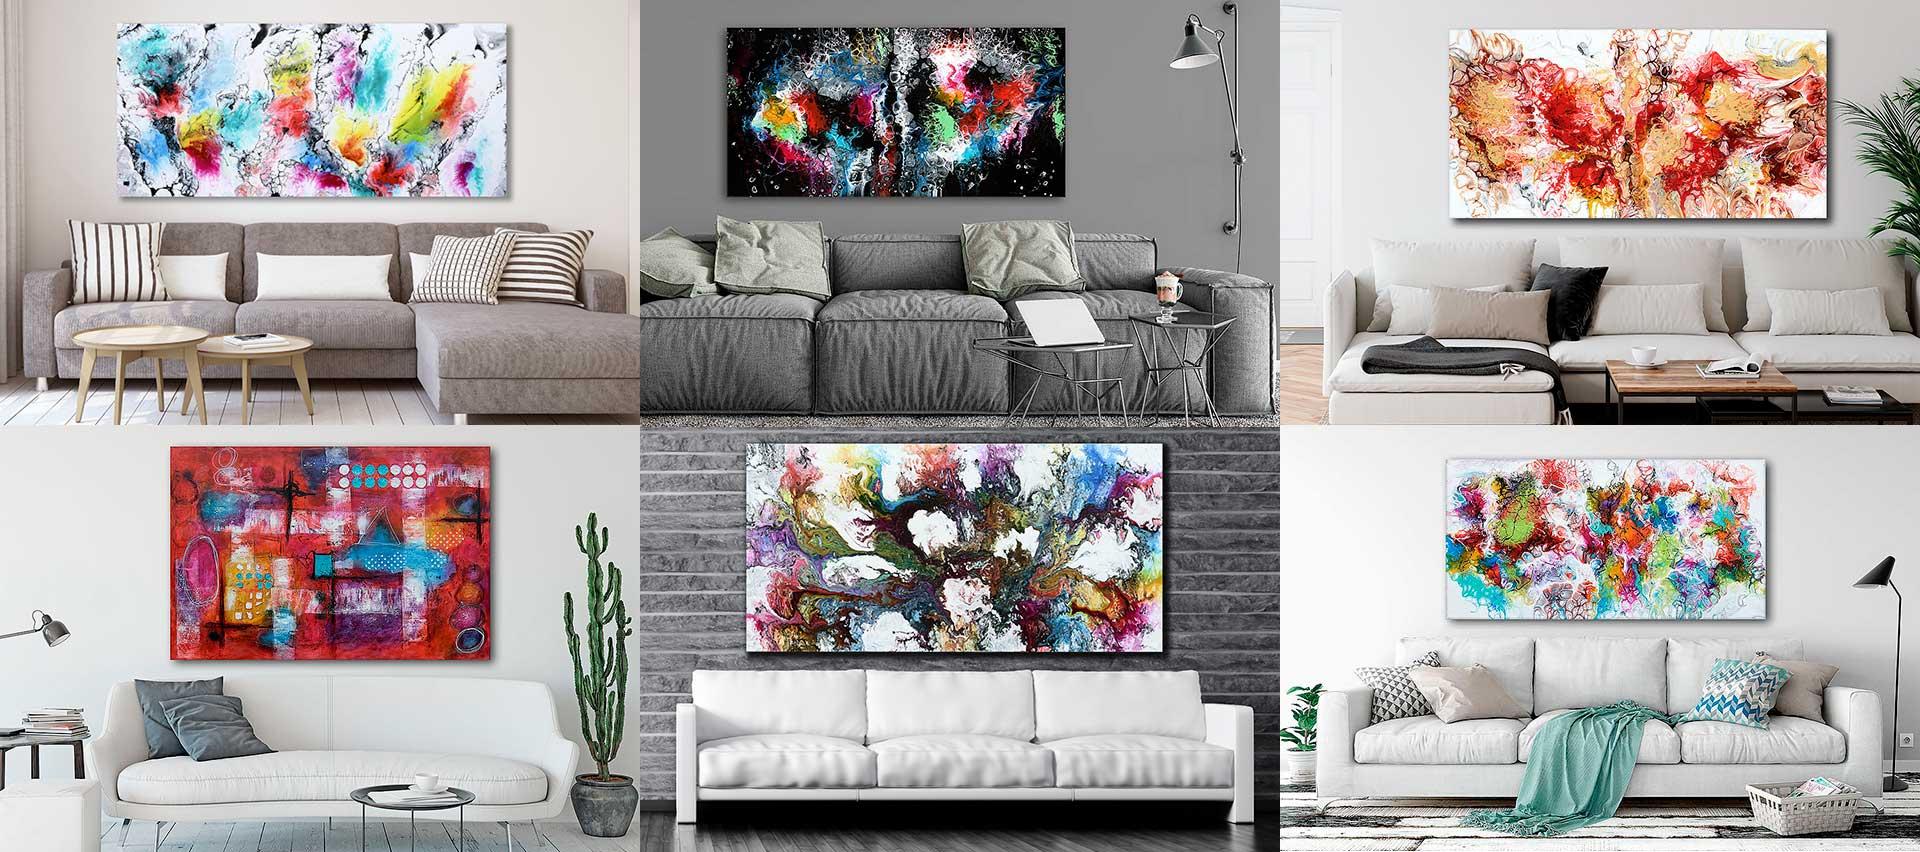 Store malerier til væggen i stuen til salg